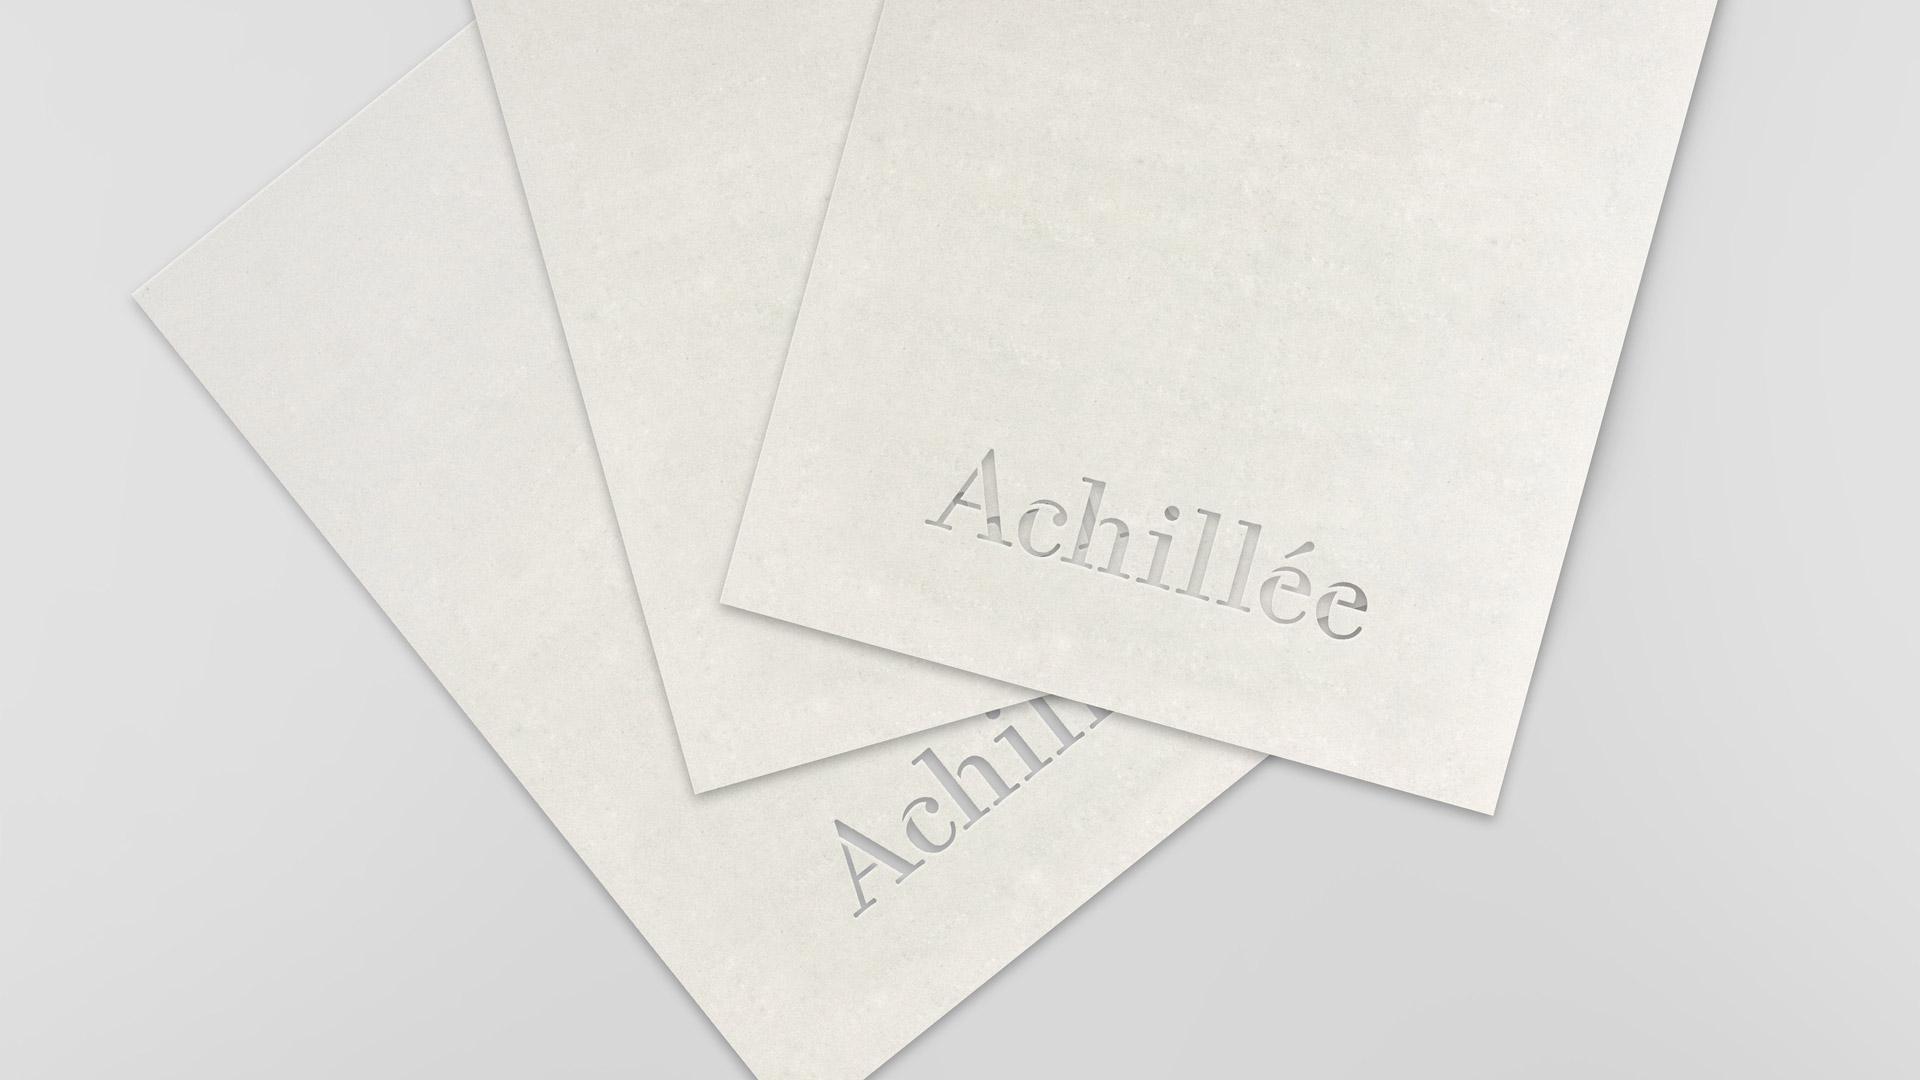 Découpe du logotype dans le papier